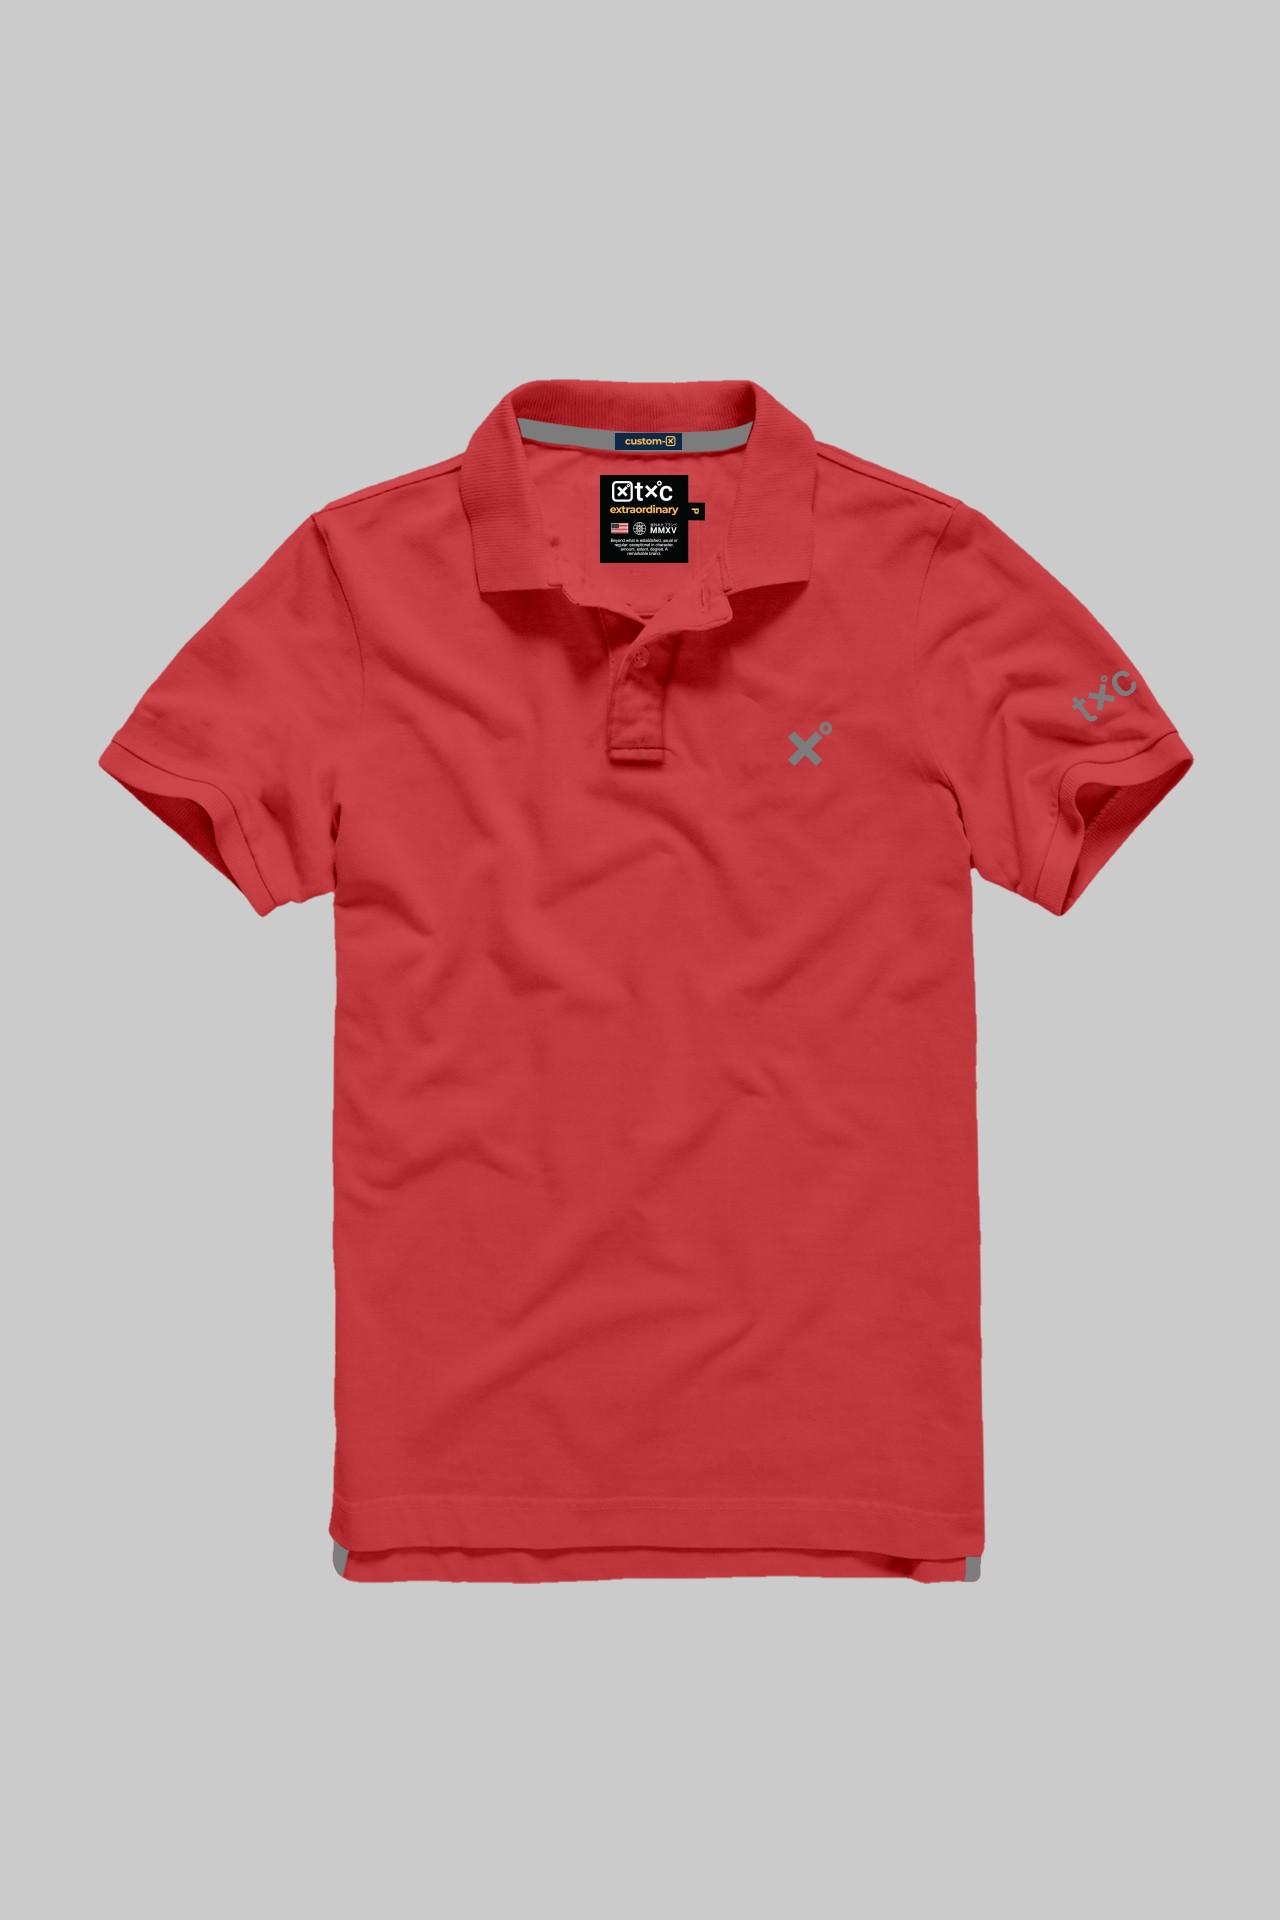 Polo TXC Brand 6328